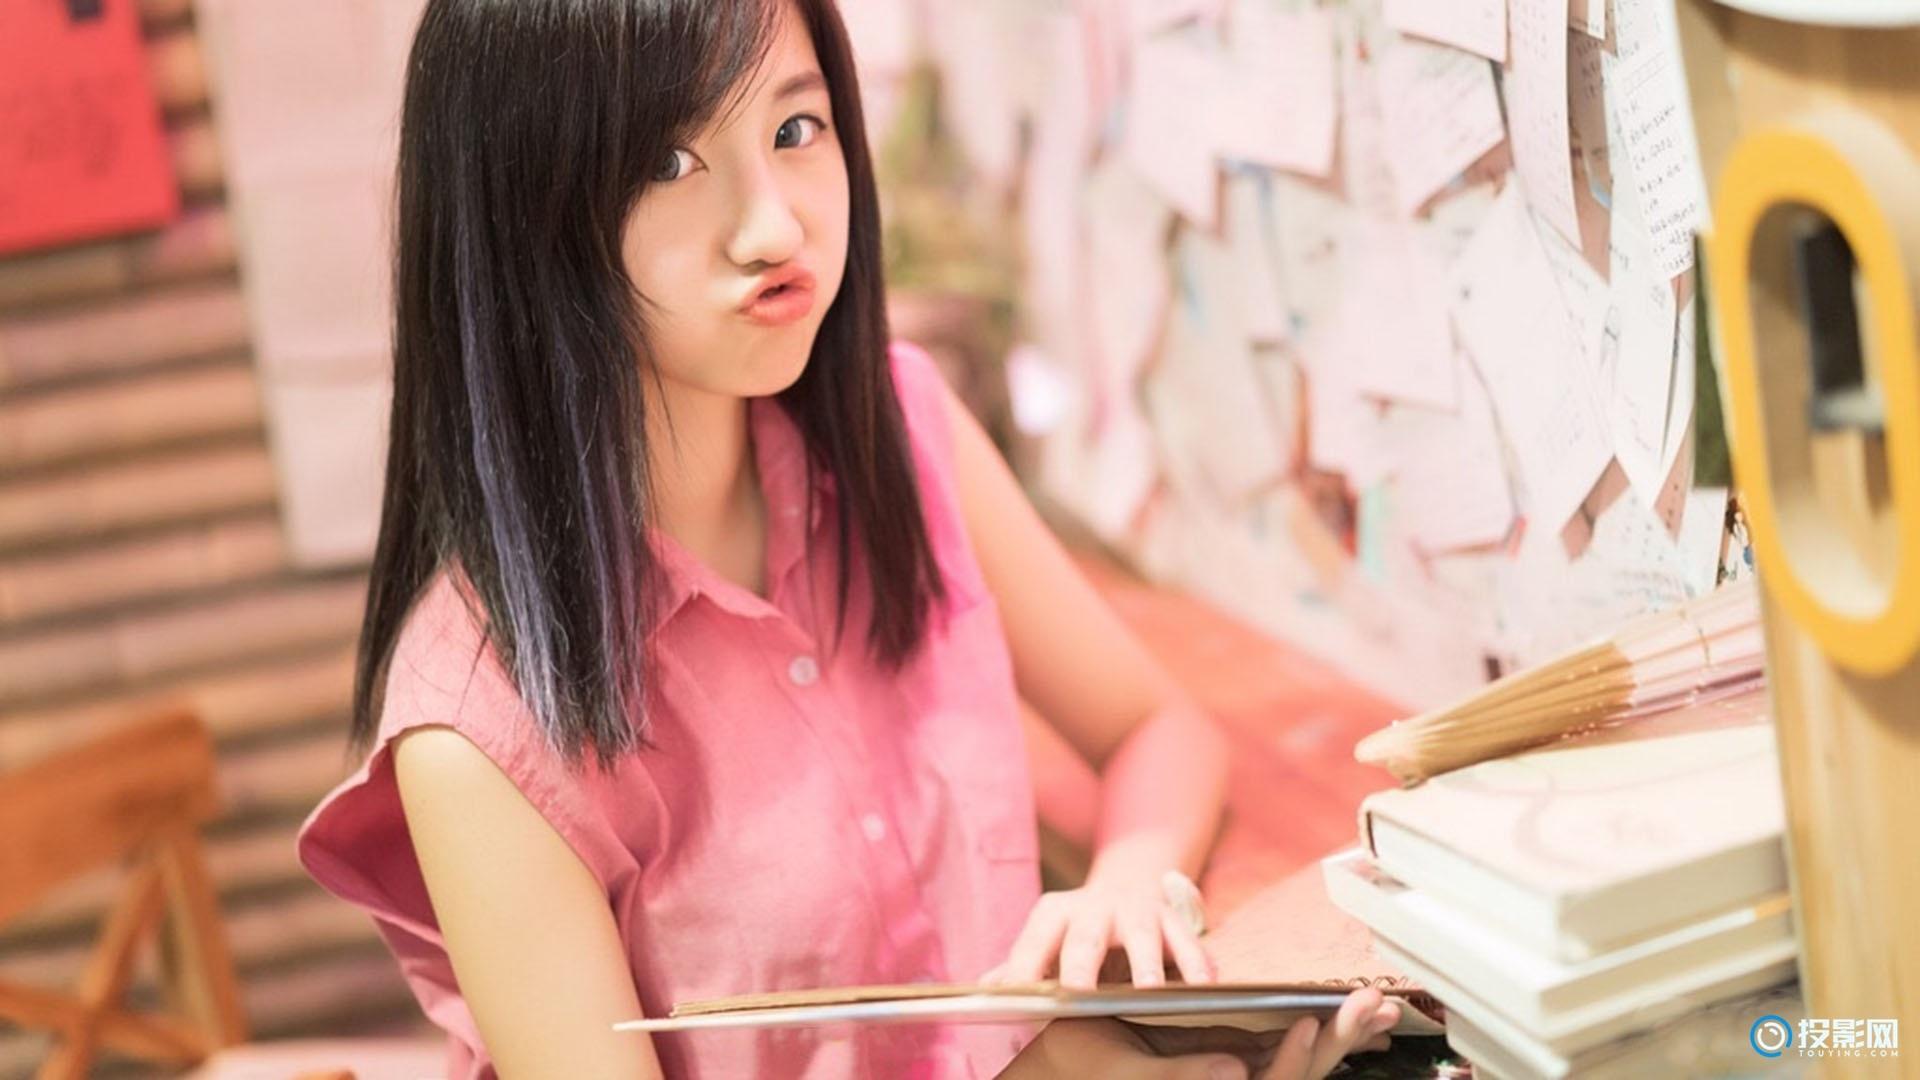 甜美可爱美女图片壁纸   9P